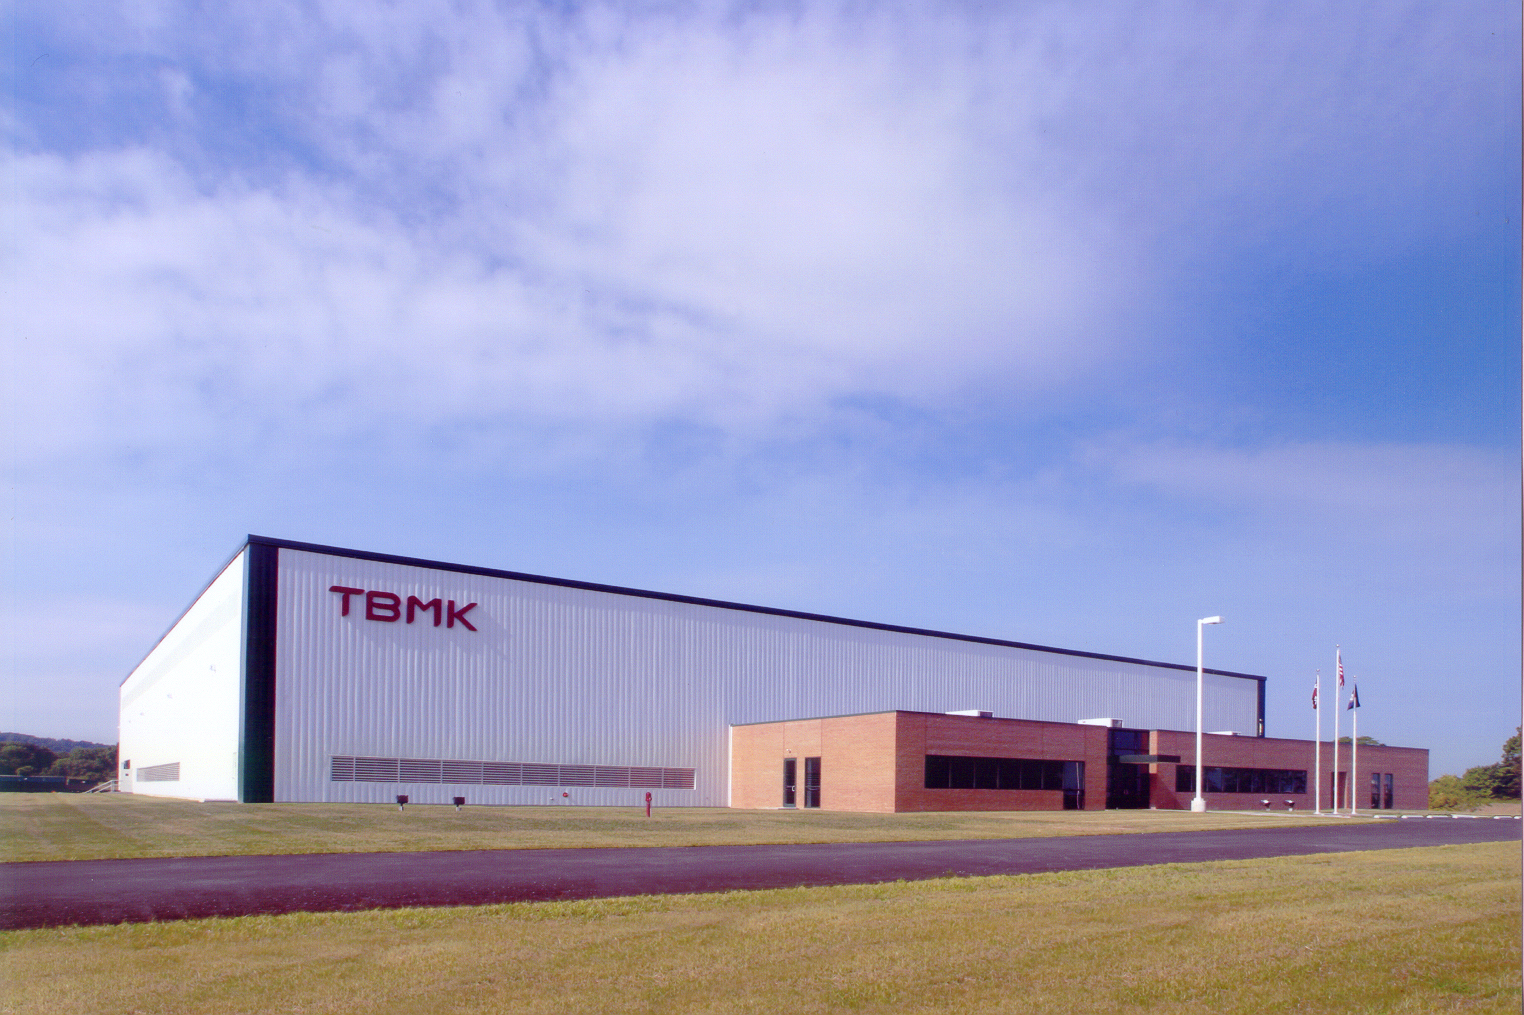 TBMK – Toyota Boshoku Kentucky, LLC